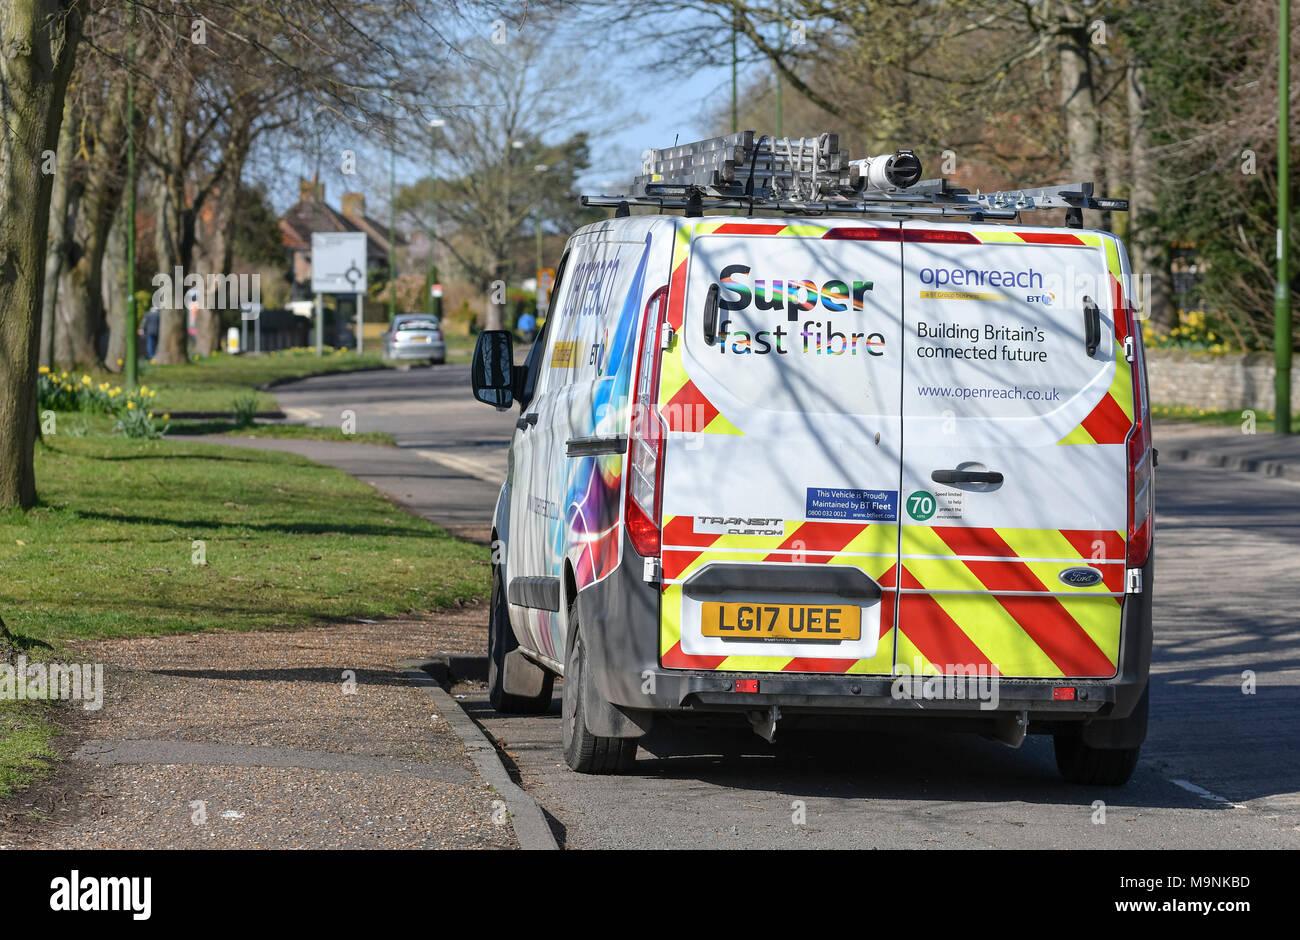 Openreach Van garé au bord de la route pendant que les ingénieurs installer Internet haut débit fibre optique (FTTC) à un immeuble d'accueil en Angleterre, Royaume-Uni. Photo Stock